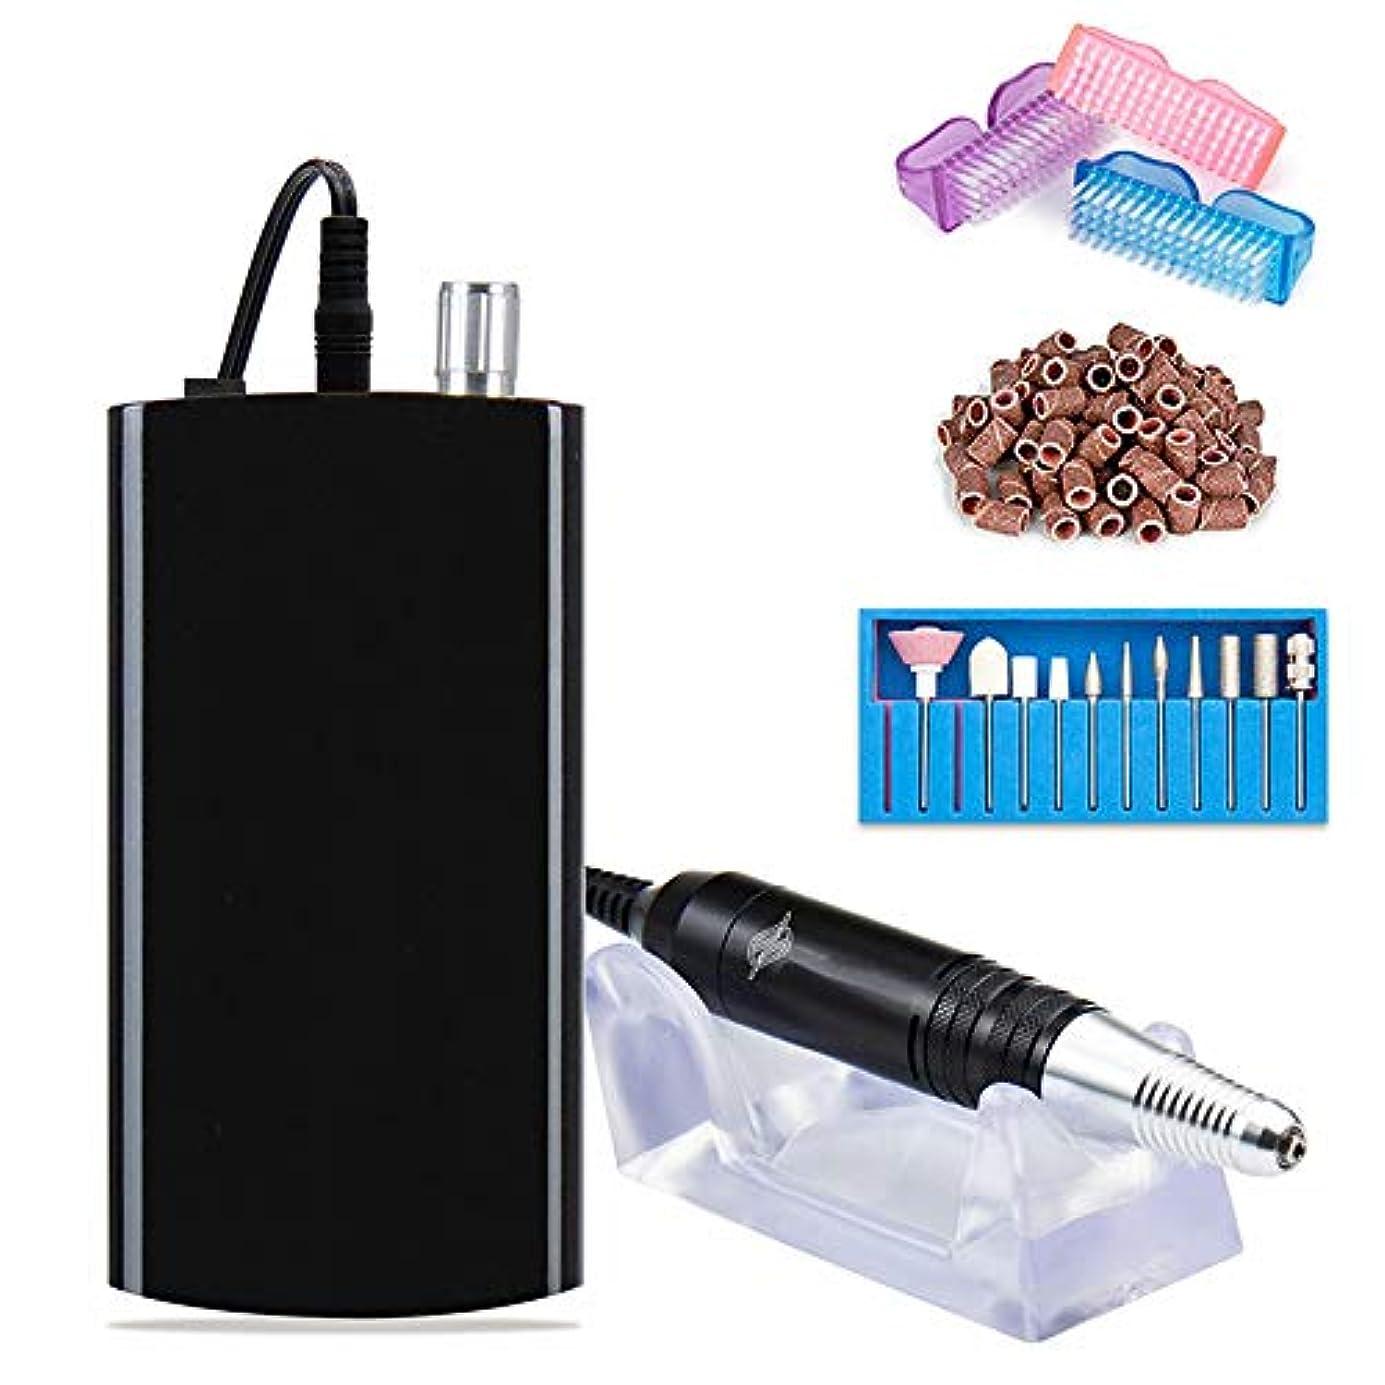 め言葉助けになる不利益電気釘のドリルの再充電可能な携帯用爪やすり、6つの位置を粉砕する専門のアクリルのゲルの釘および家族の大広間に適したベルトのマニキュアの形,黒